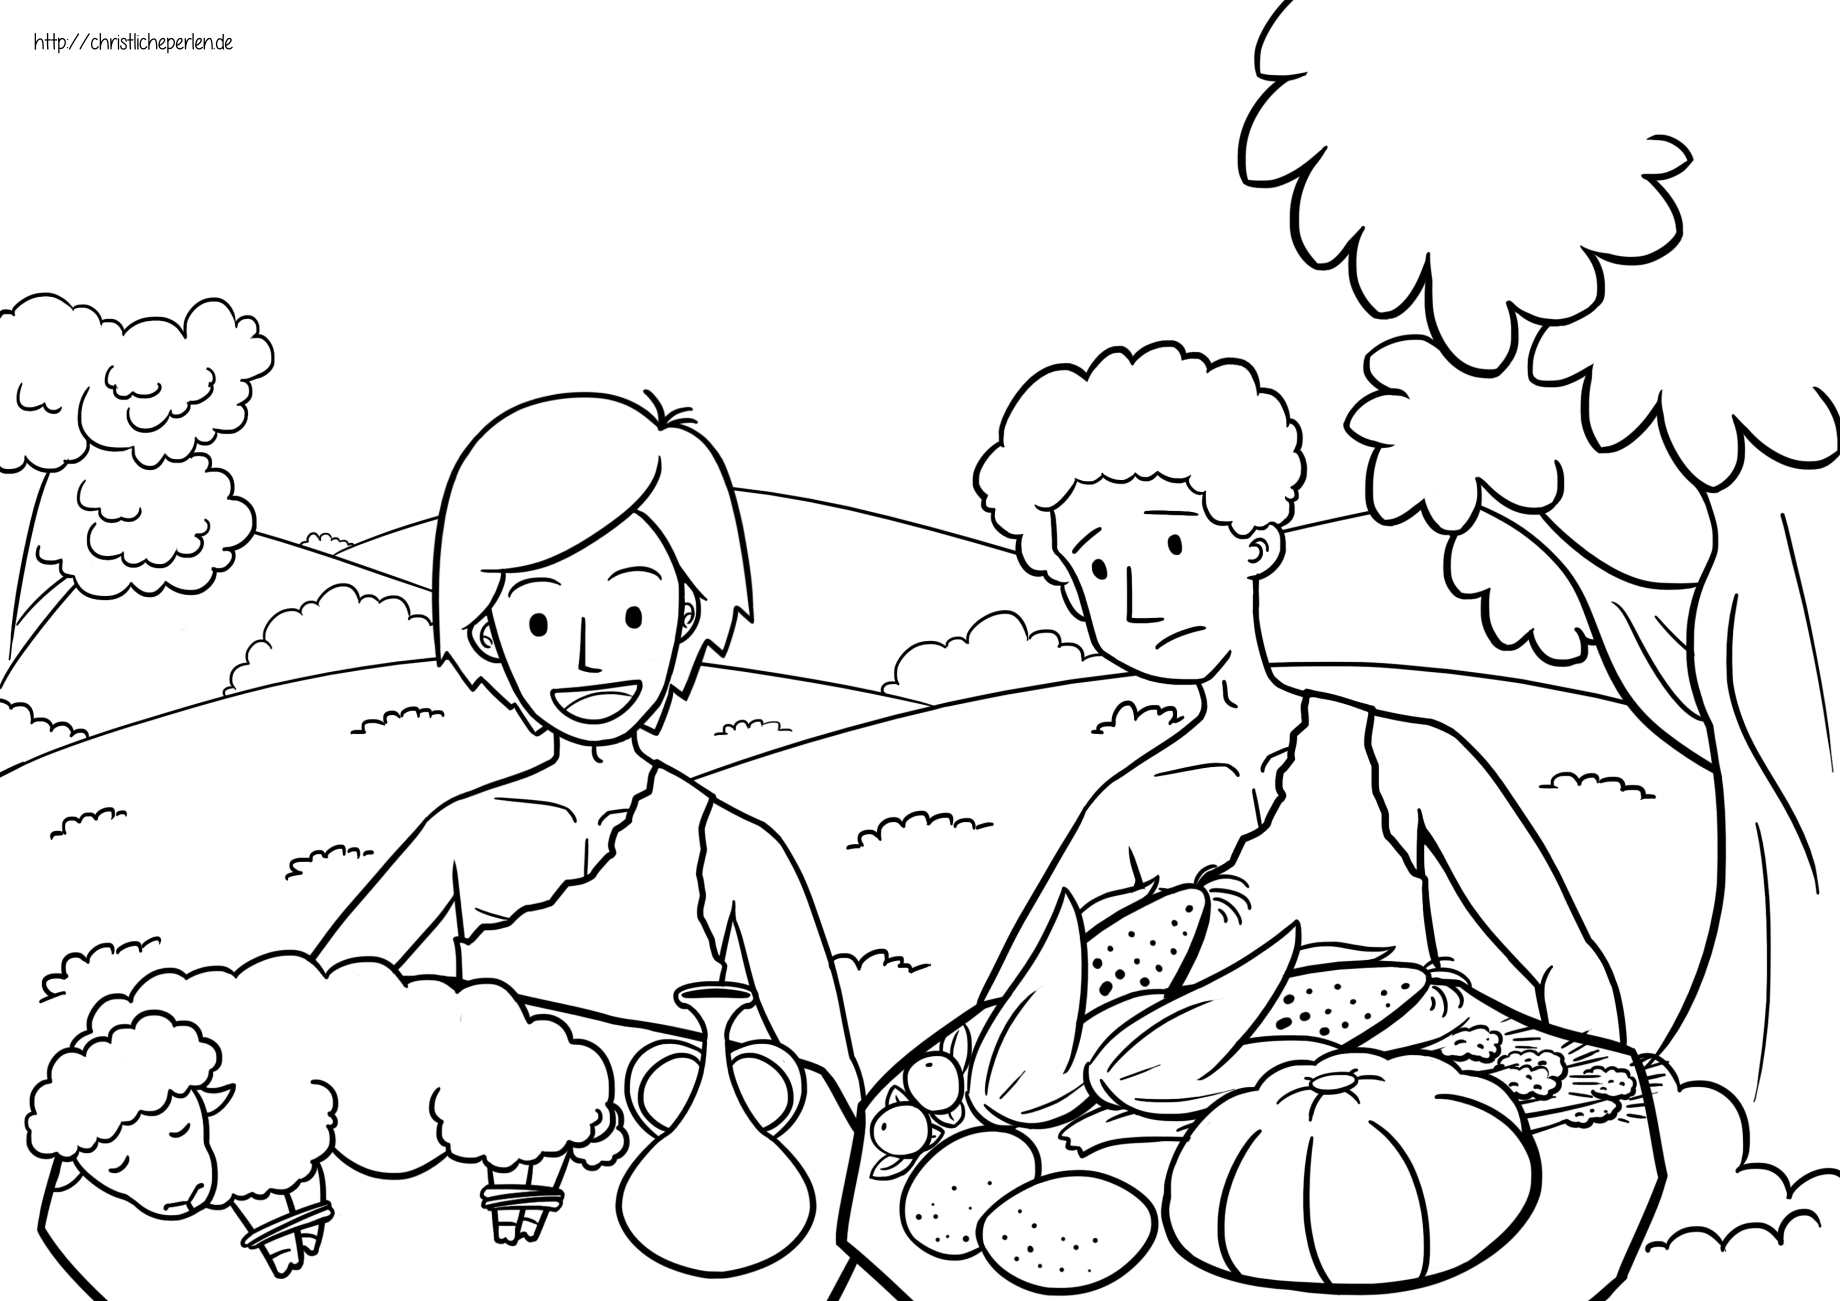 Kain Und Abel Ausmalbilder Ausmalbilder